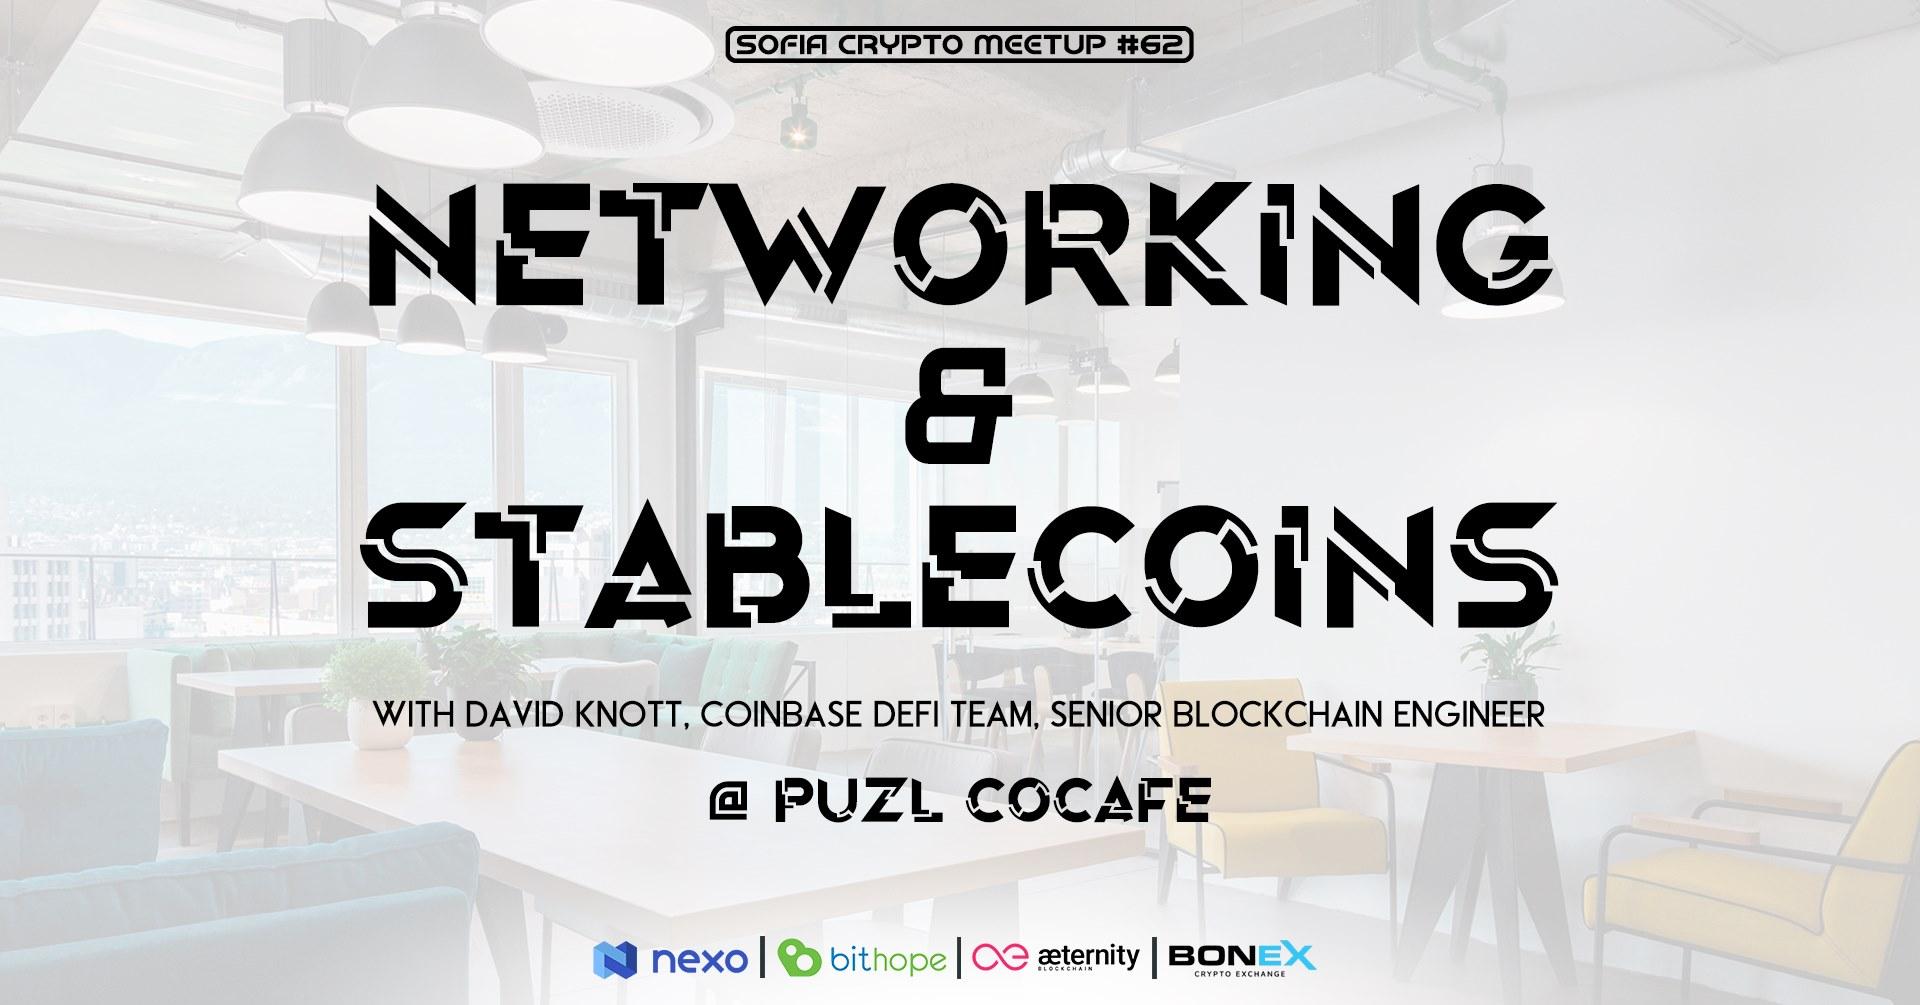 Sofia Crypto Meetup @ Puzl CoCafe